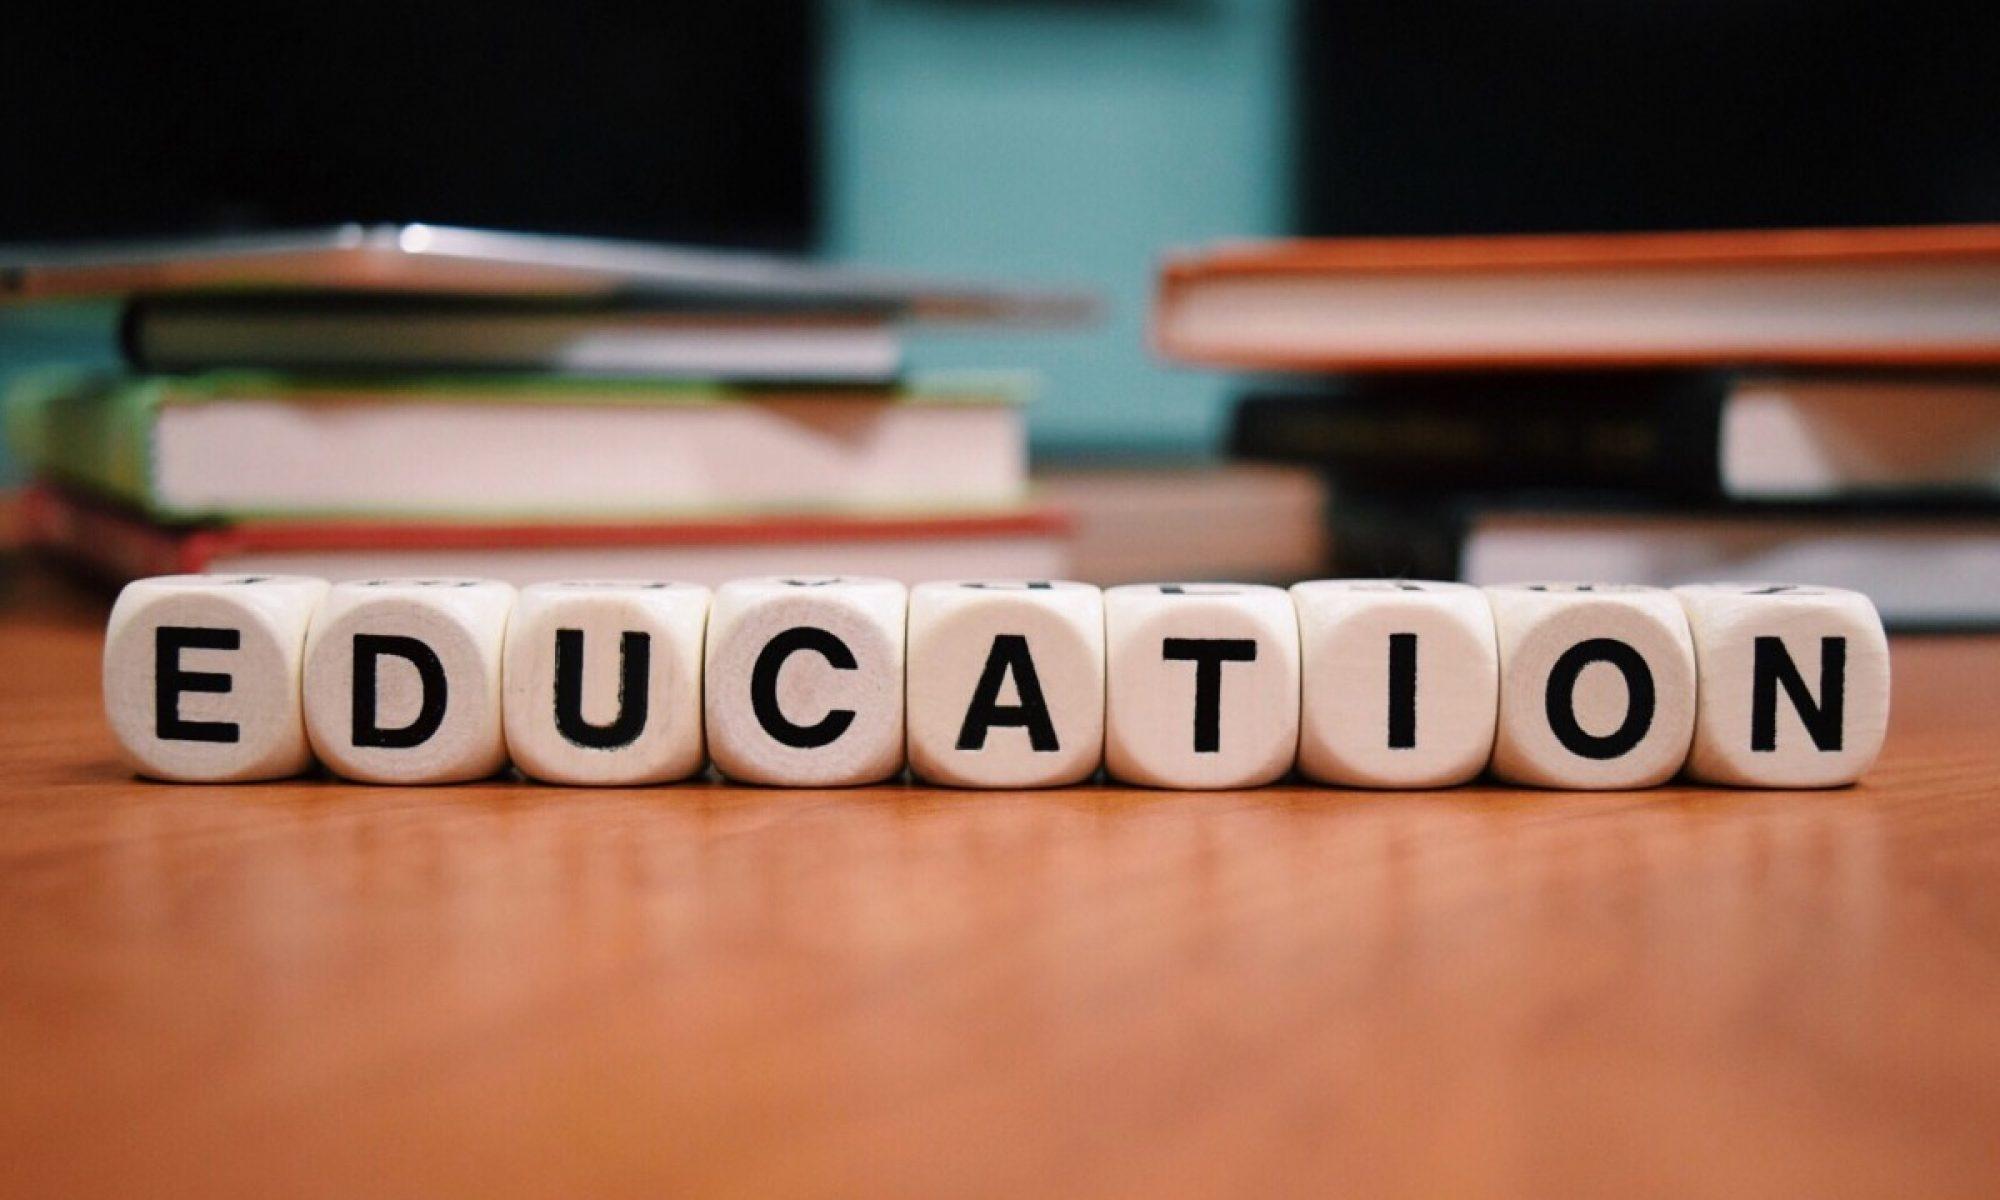 cropped-education_school_learn_learning_classroom-1201352_jpgd_.jpg